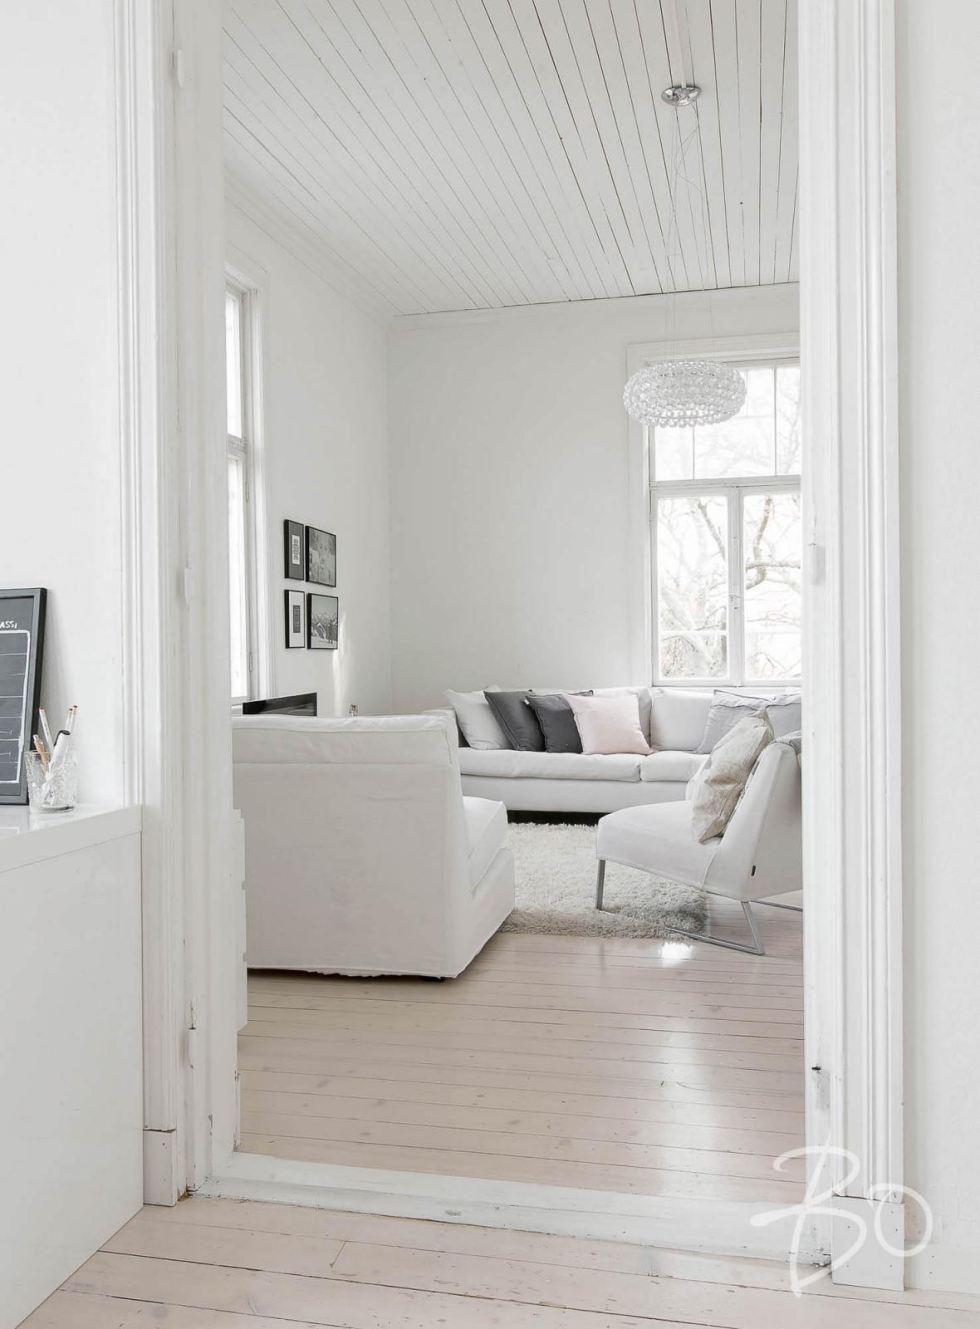 Estilo escandinavo apartamento lleno de sencillez y belleza - Cabecero estilo escandinavo ...